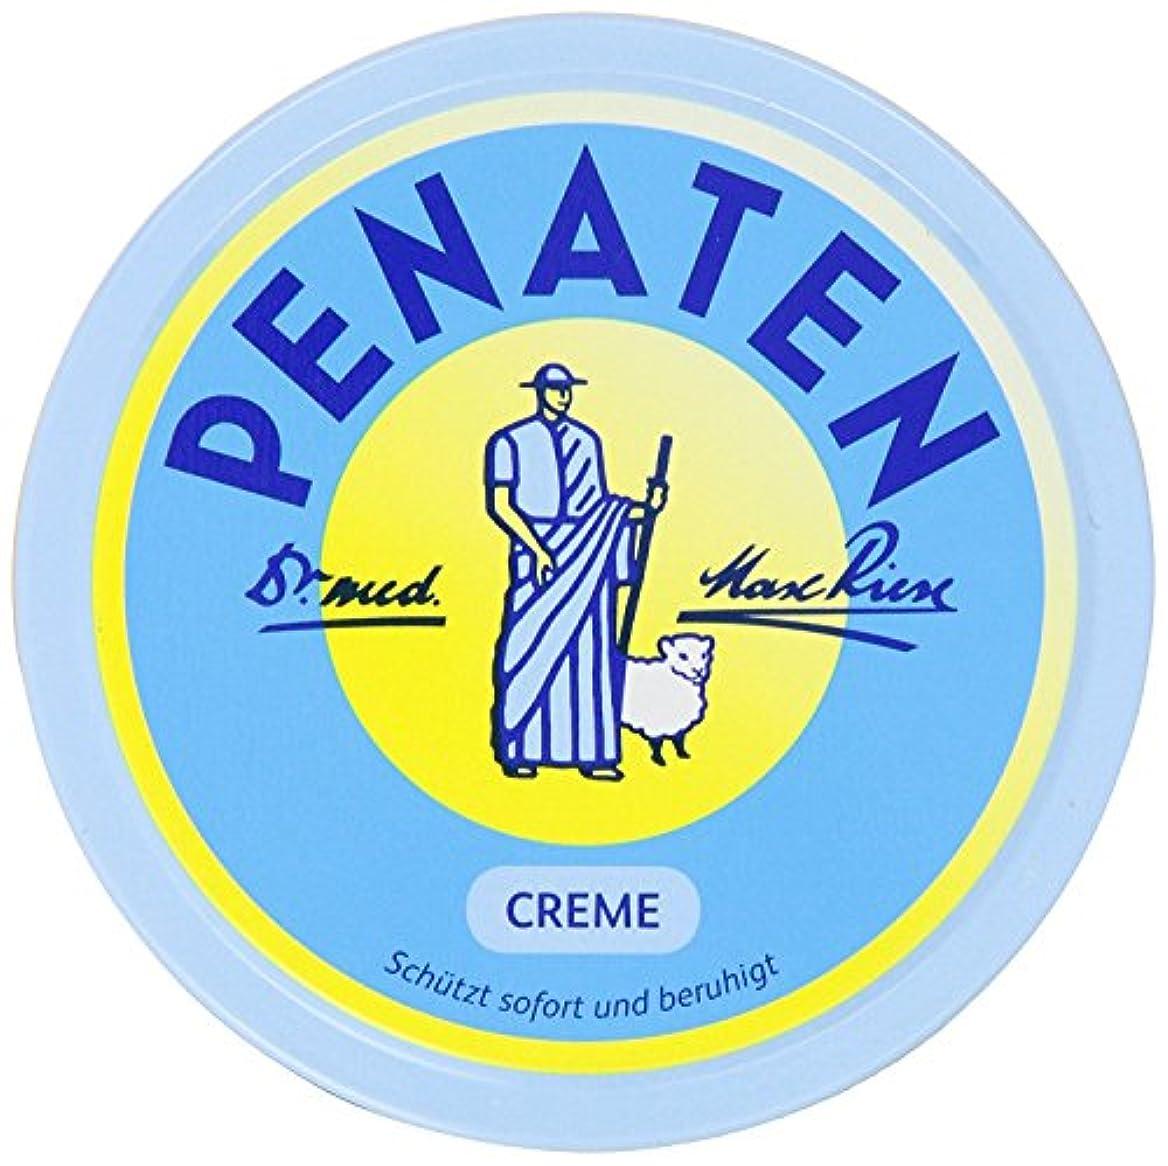 再現する免除裸(ペナテン) Penaten Baby Creme 150 ml, 3er Pack (3 x 150 ml) (並行輸入品) shumaman